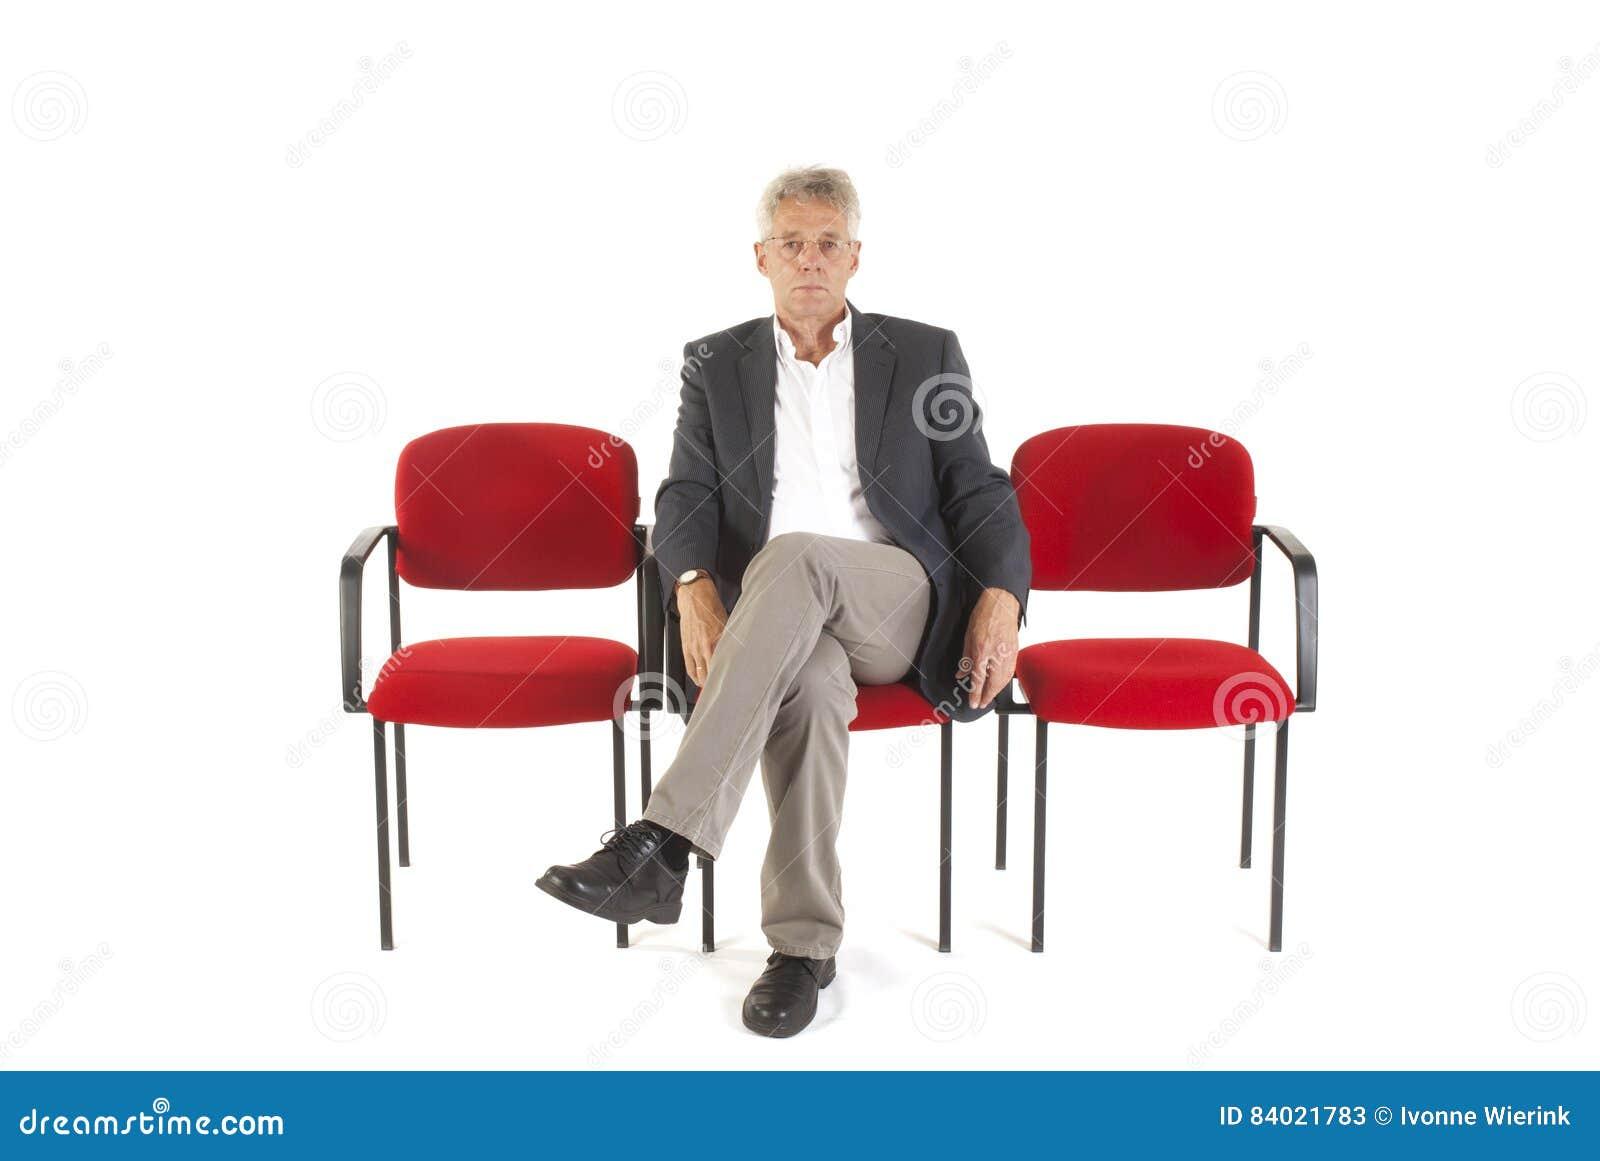 Человек в зале ожидания